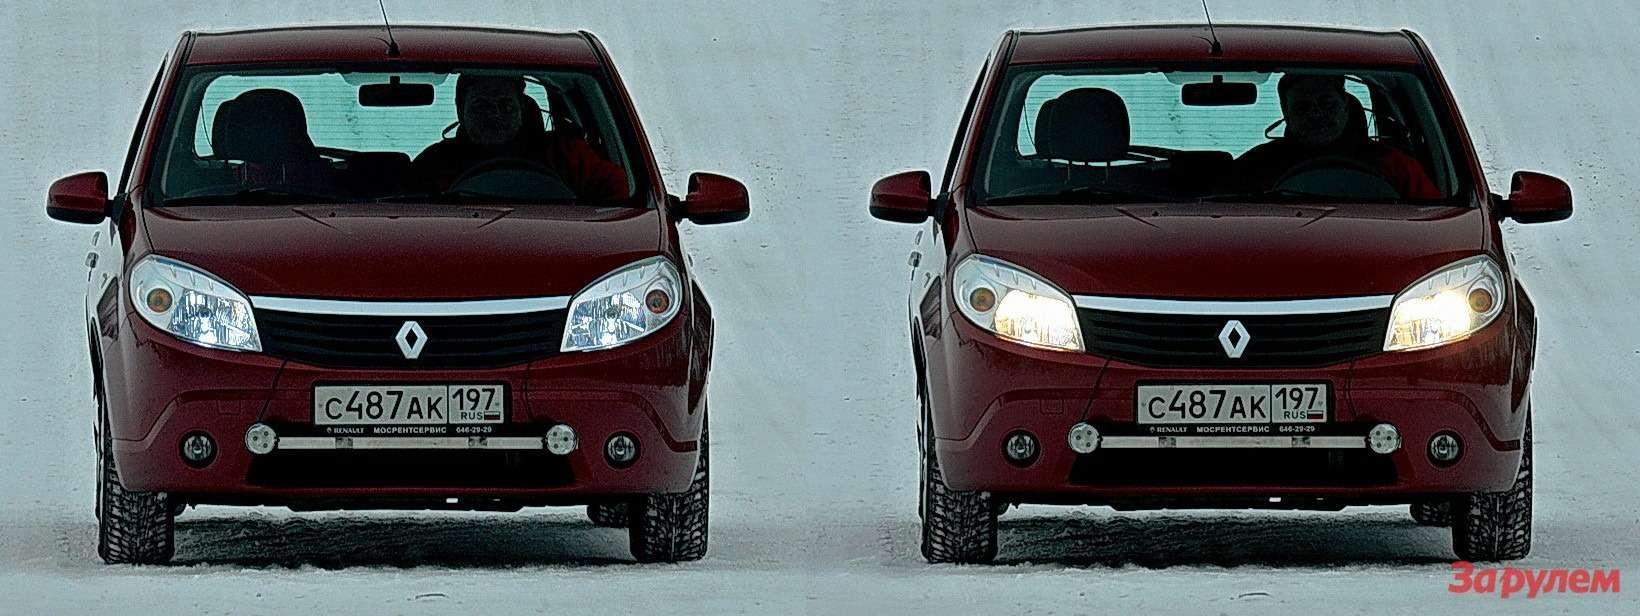 Габаритный огонь,зажженный светодиодной лампой, иштатный ближний свет. Сравнение, безусловно, впользу штатного варианта (справа). Снезаконными светодиодными светильниками автомобиль не только непройдет гостехосмотр, ноипотенциально опасен дляокружающих.